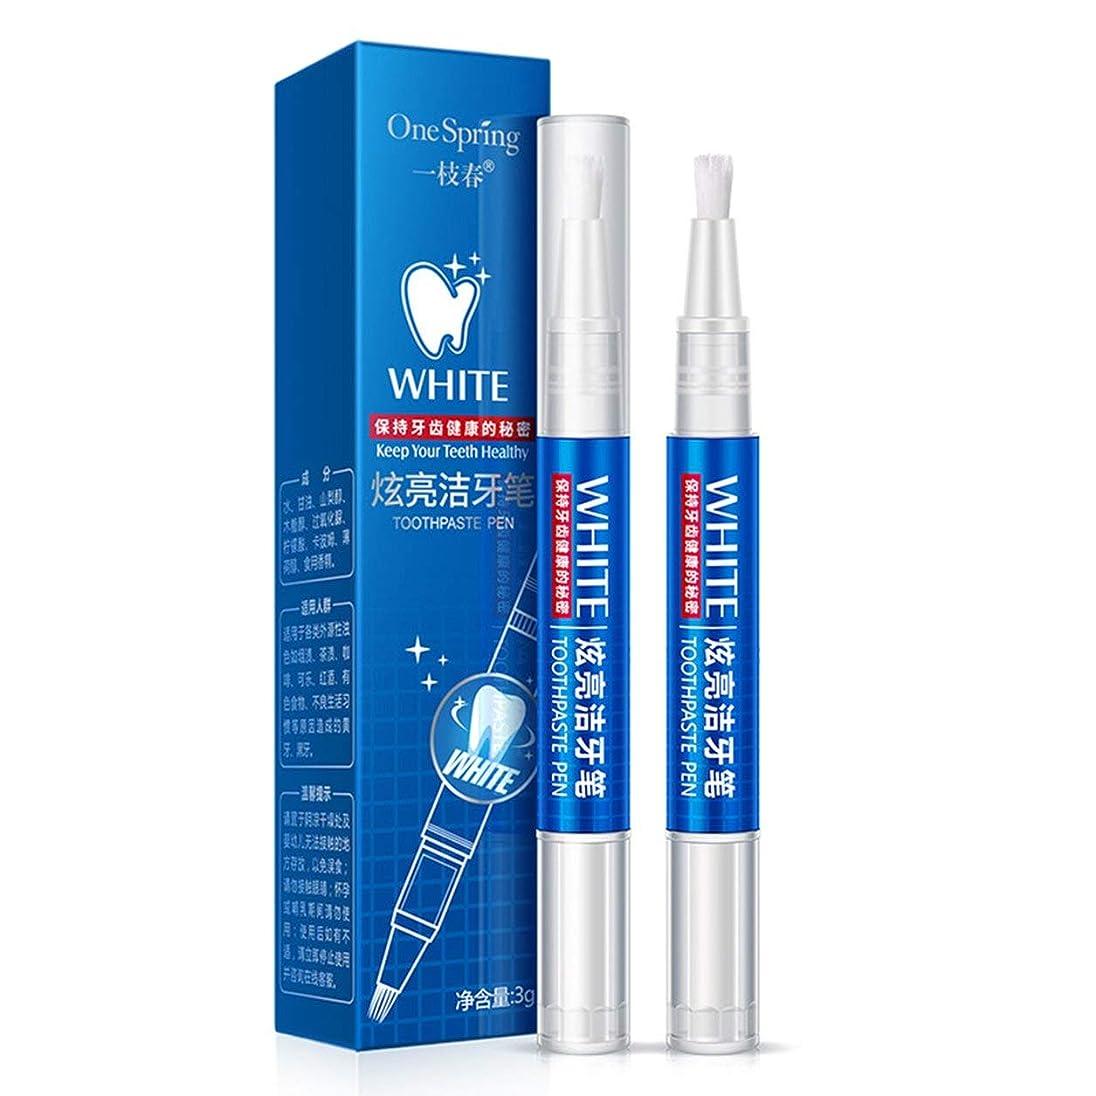 計画的決定順応性のあるSaikogoods ホワイトニング 歯を白くする 歯ペンホワイトニング歯科歯のホワイトニングペン歯ジェルナーブリーチステインリムーバートゥースジェルインスタント 白